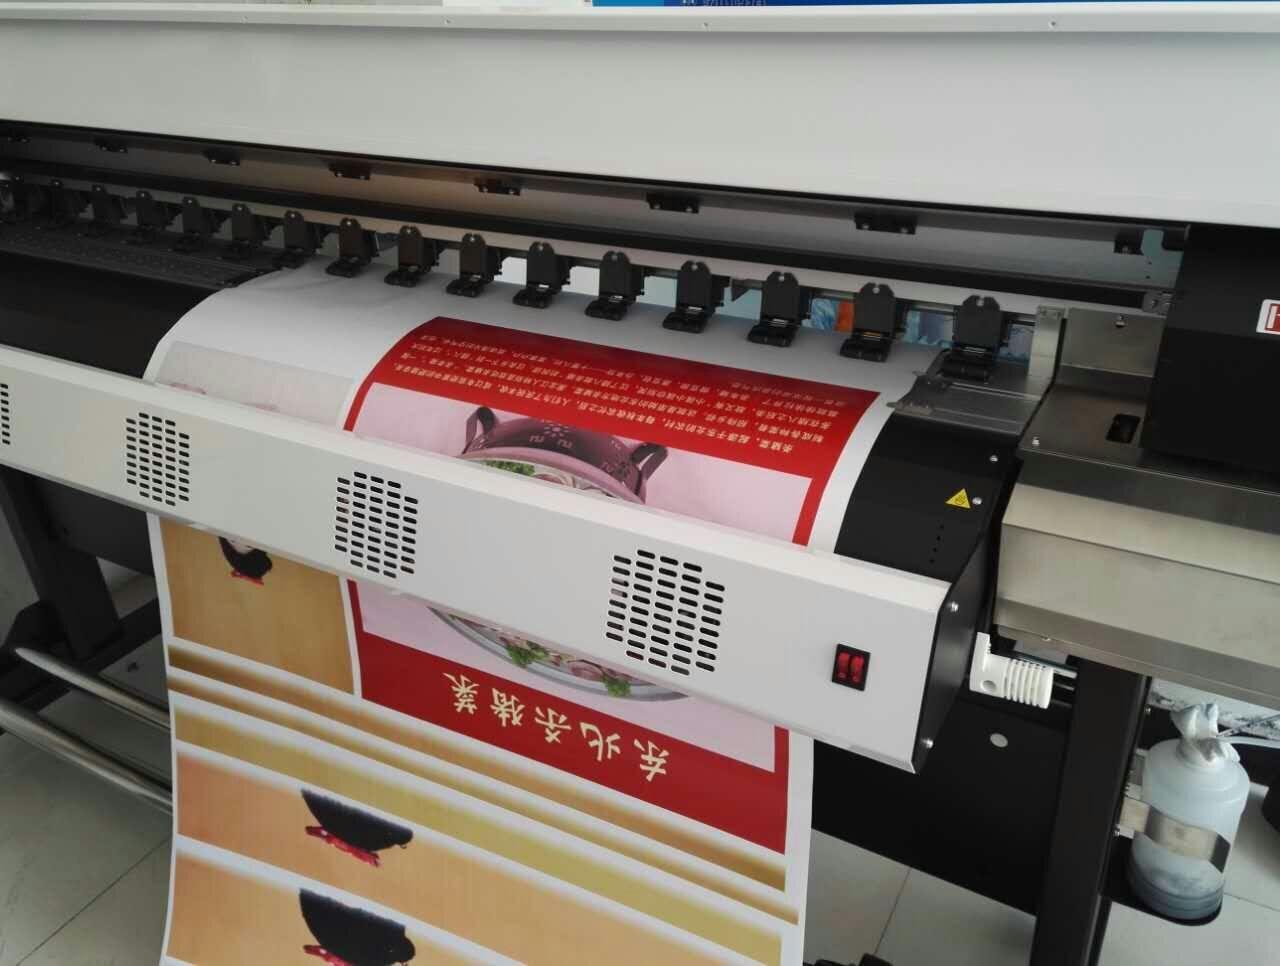 徐州市沛县hy-1600写真机安装测试完成